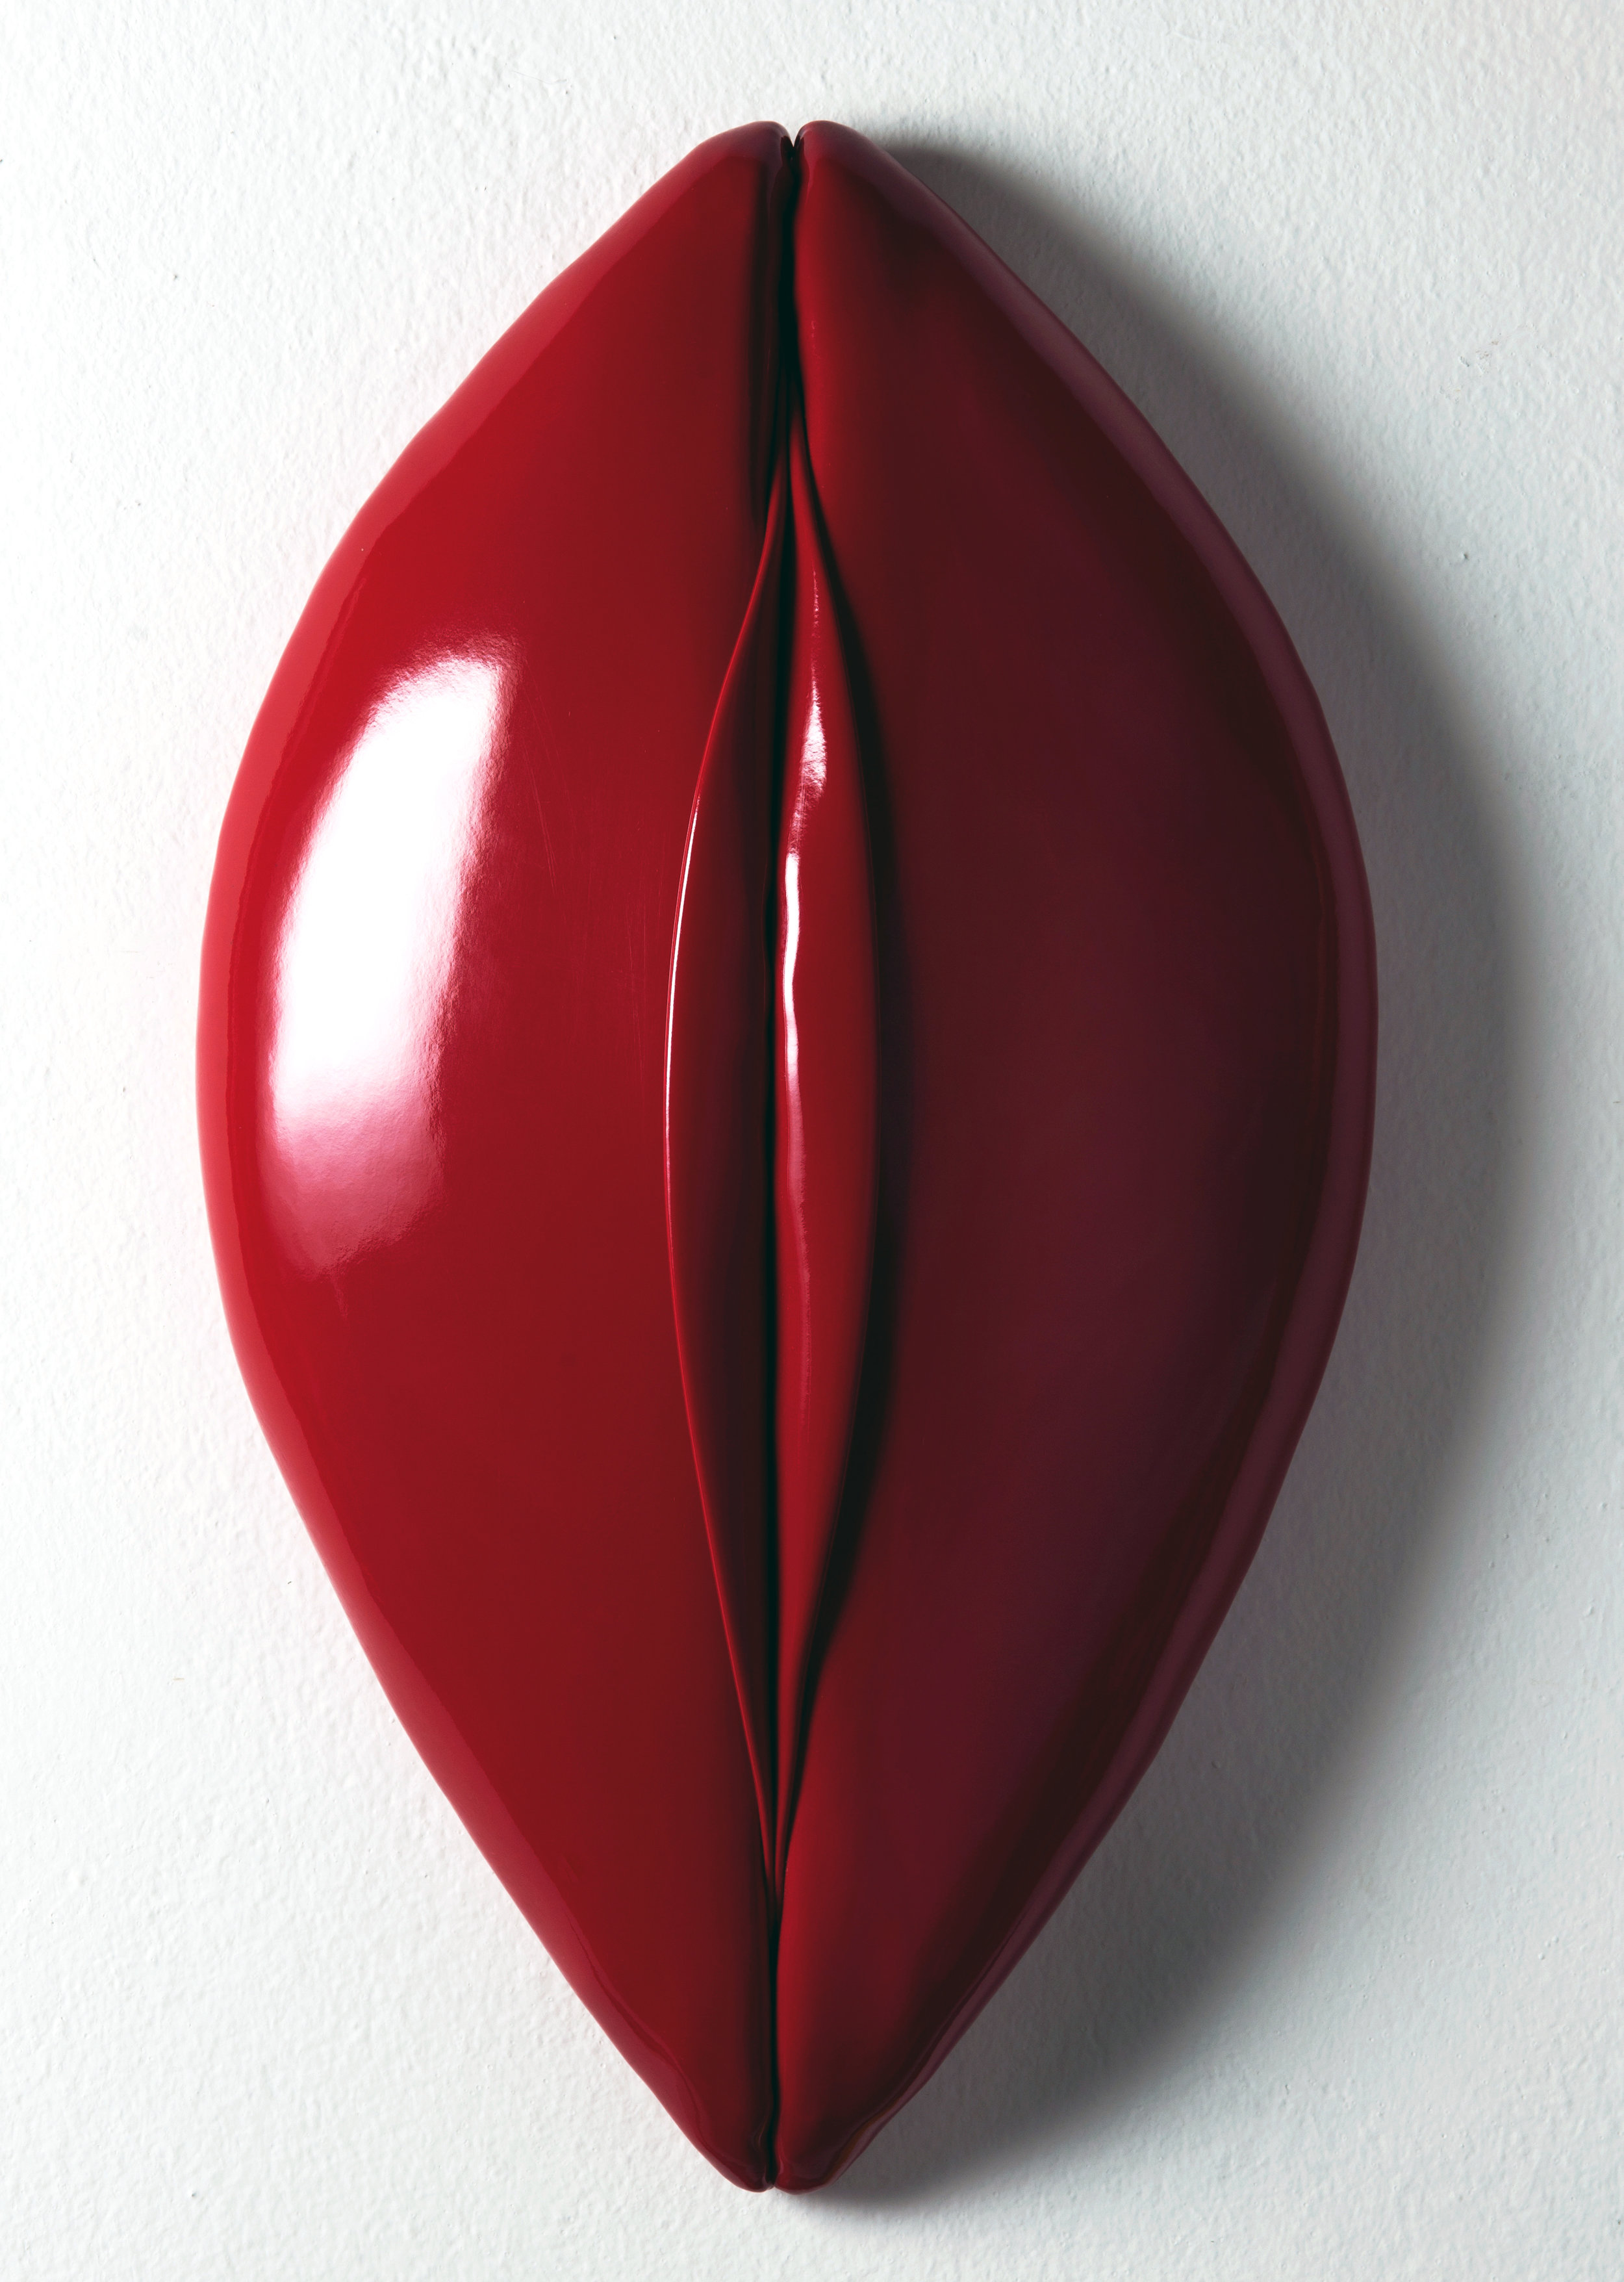 L'origine du monde (rosso) | L'origine du monde (red)